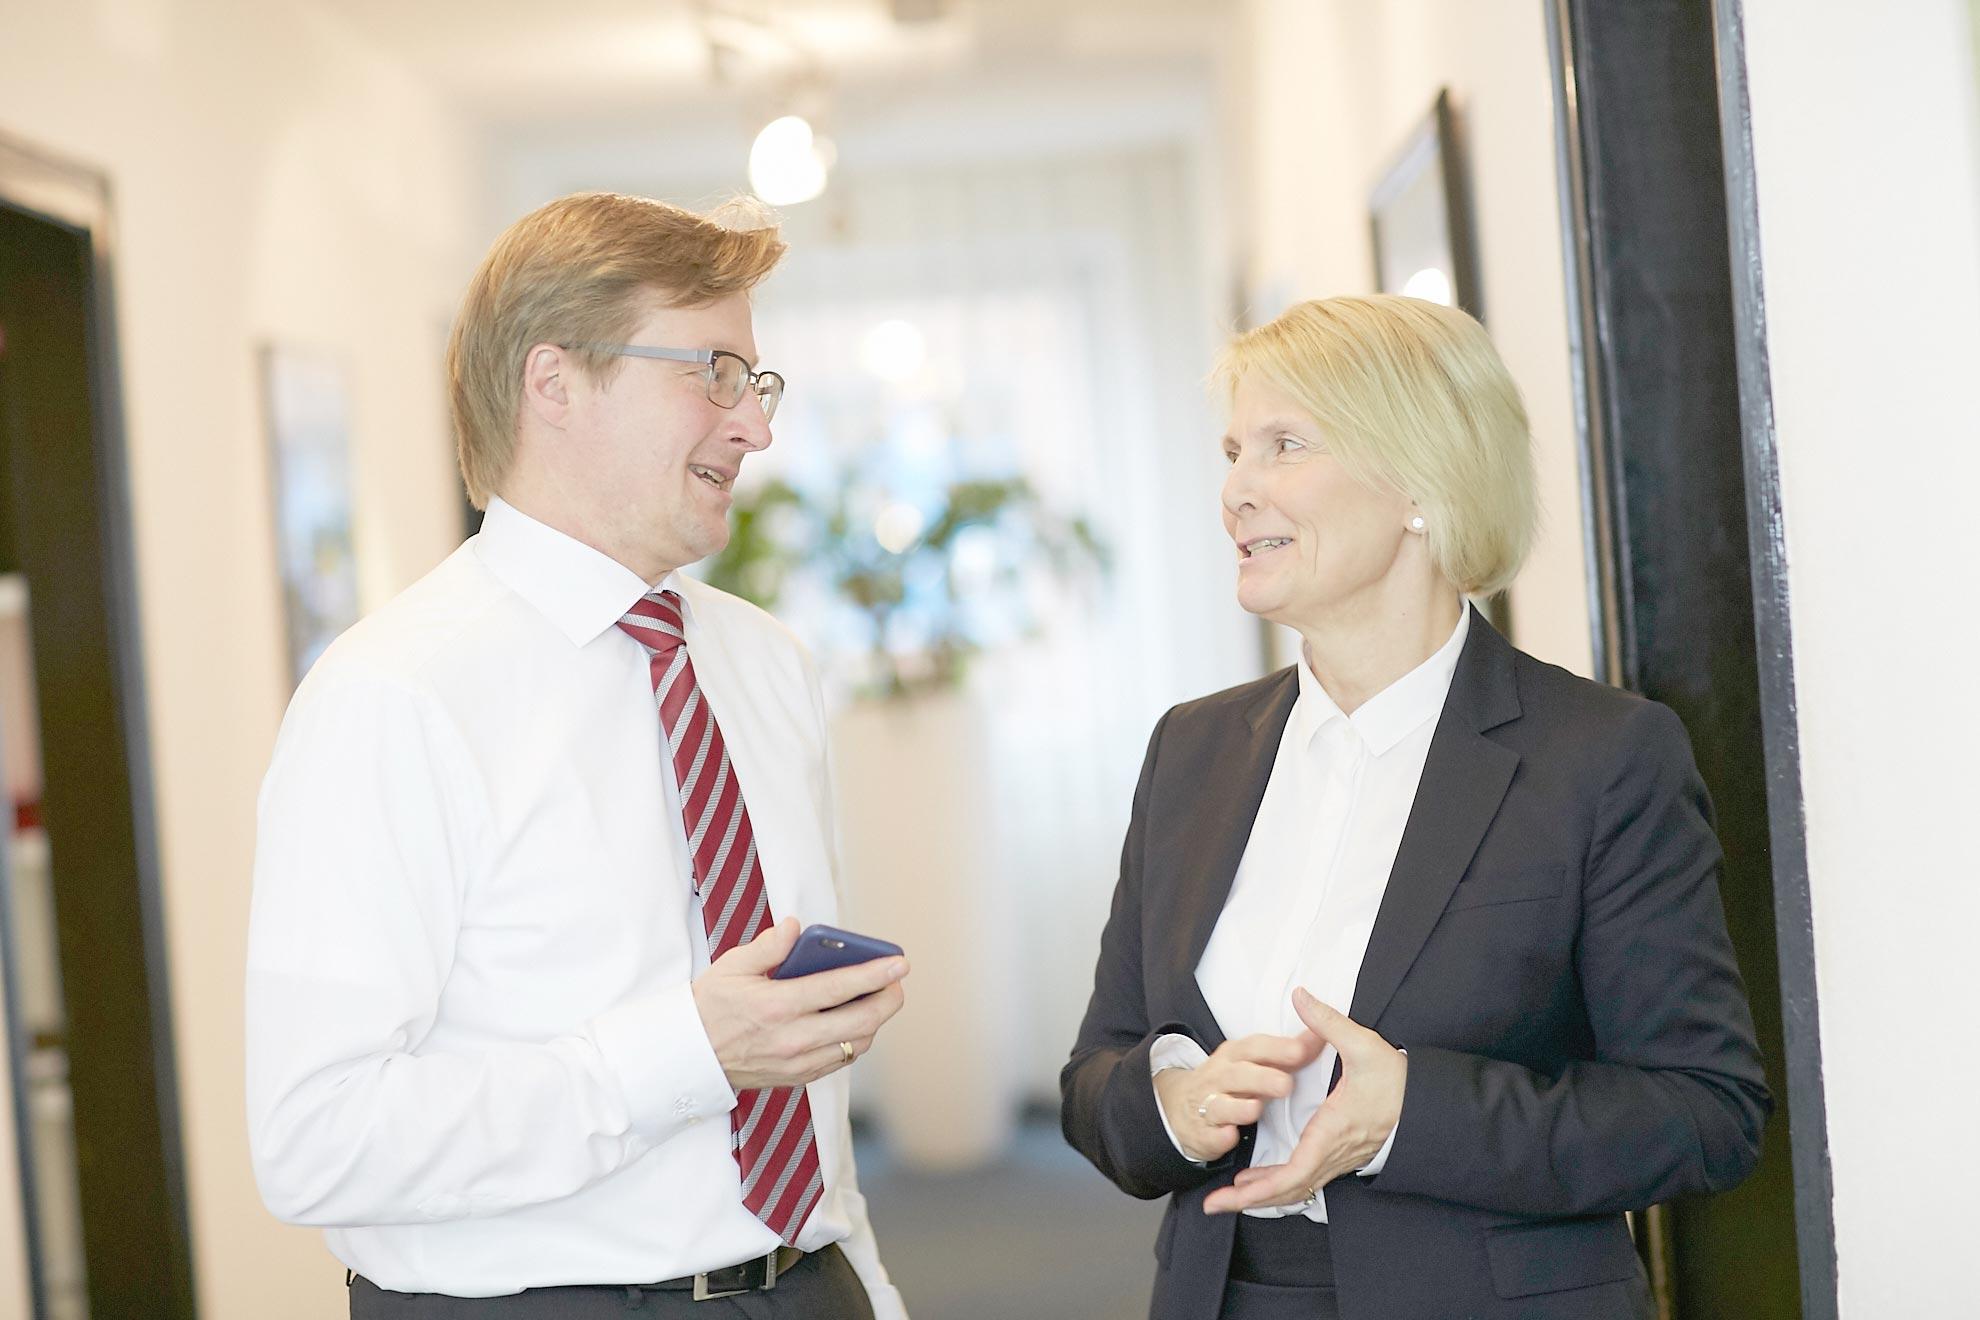 Dr. Claus Höpfner und Gabriele Ostermeier im Gespräch in der Kanzlei Geraats & Kollegen in Münster.